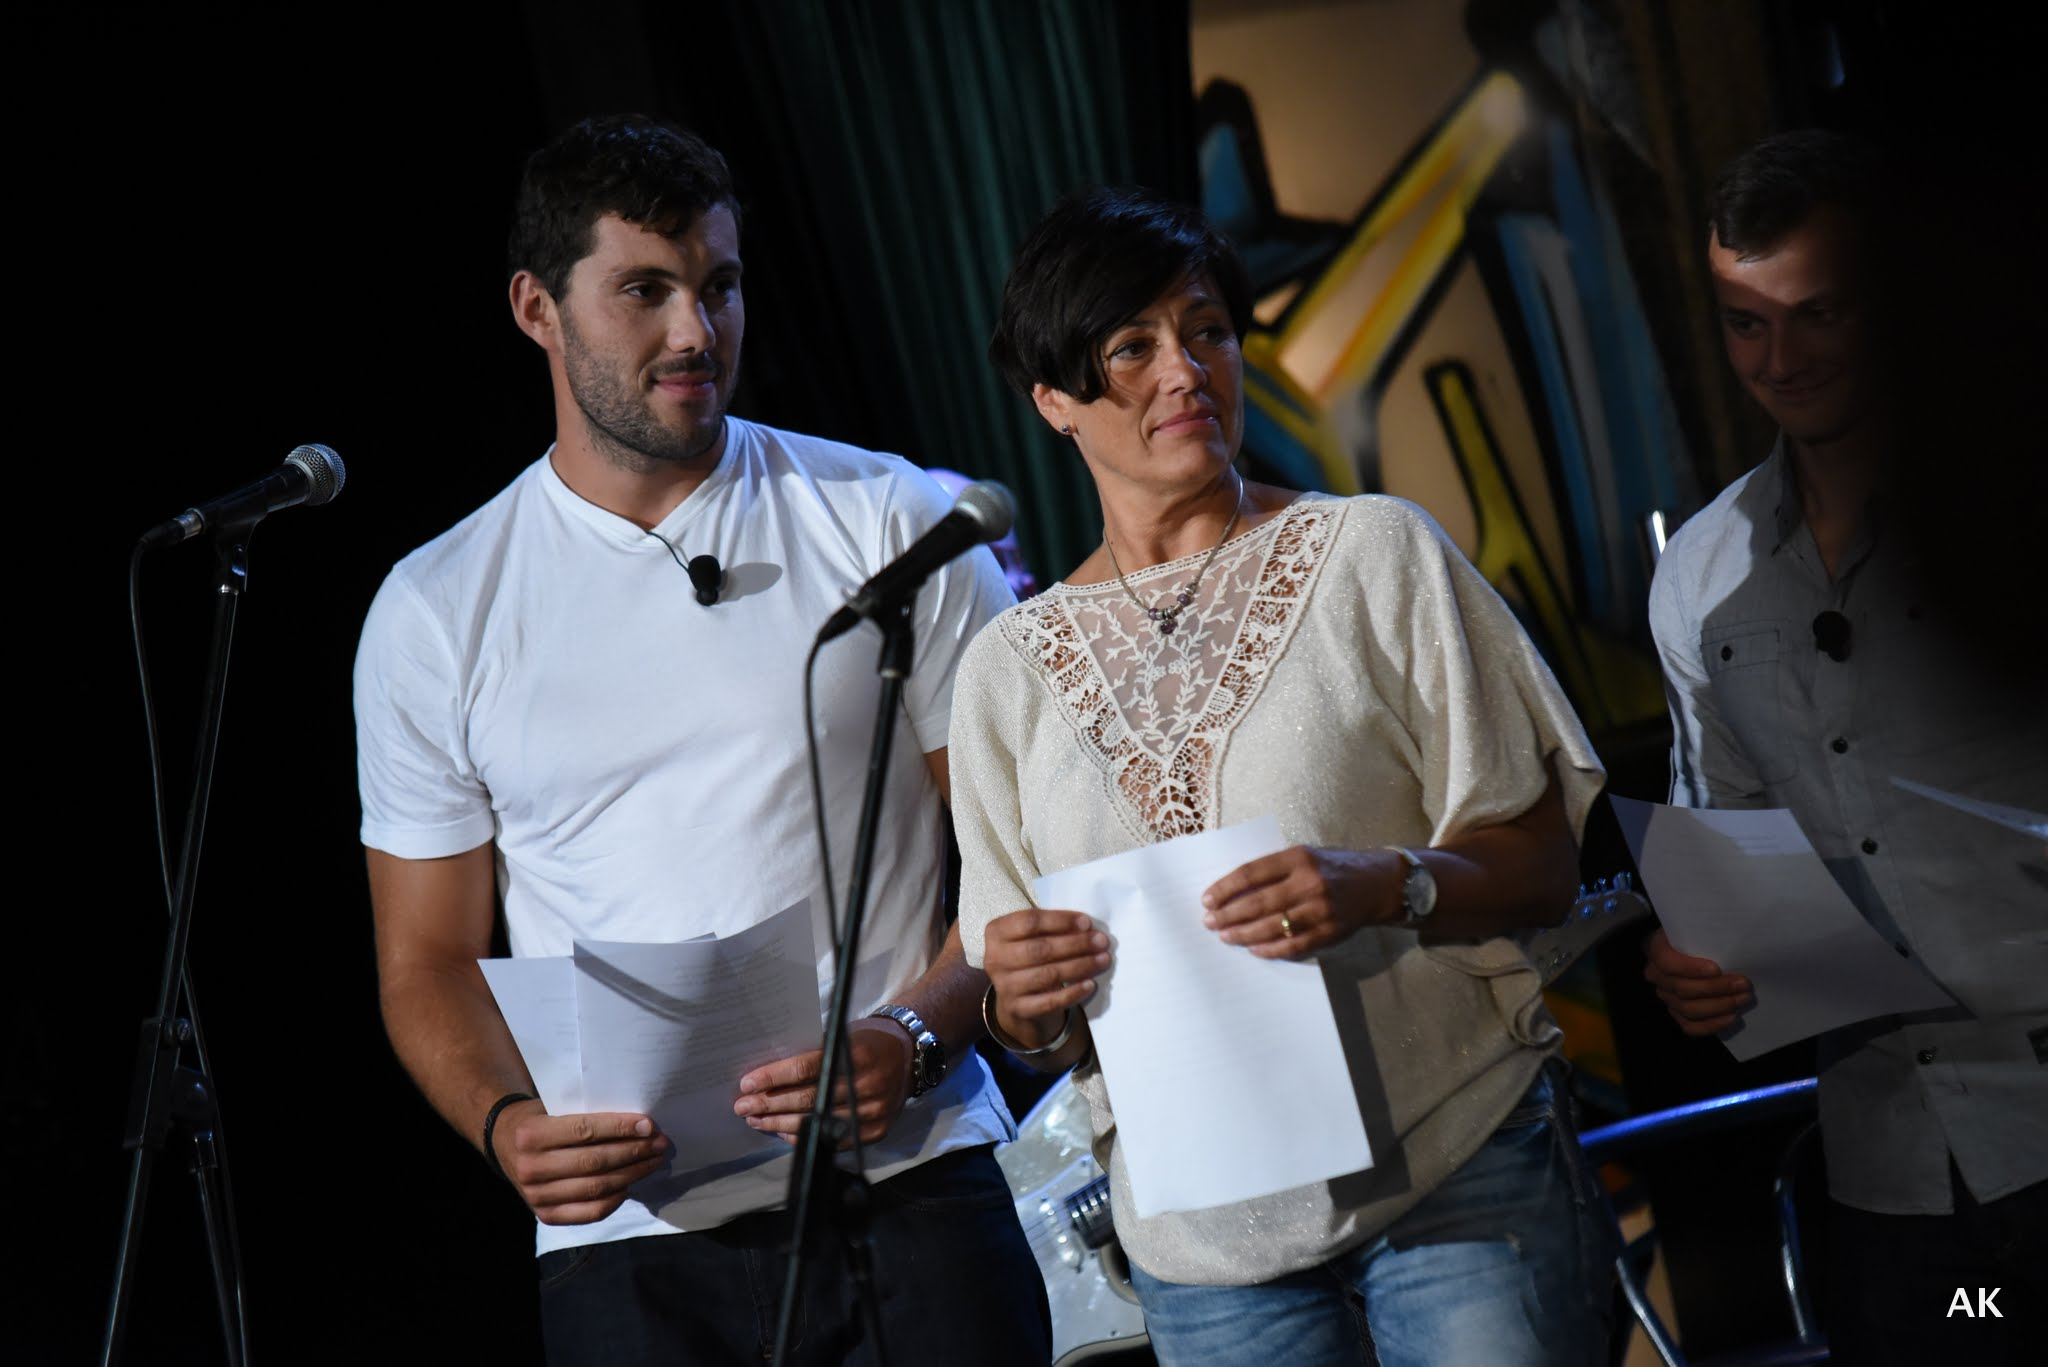 Josef Dostál a Eva Emingerová se chystají ke zpěvu – SJK 31. 8. 2016